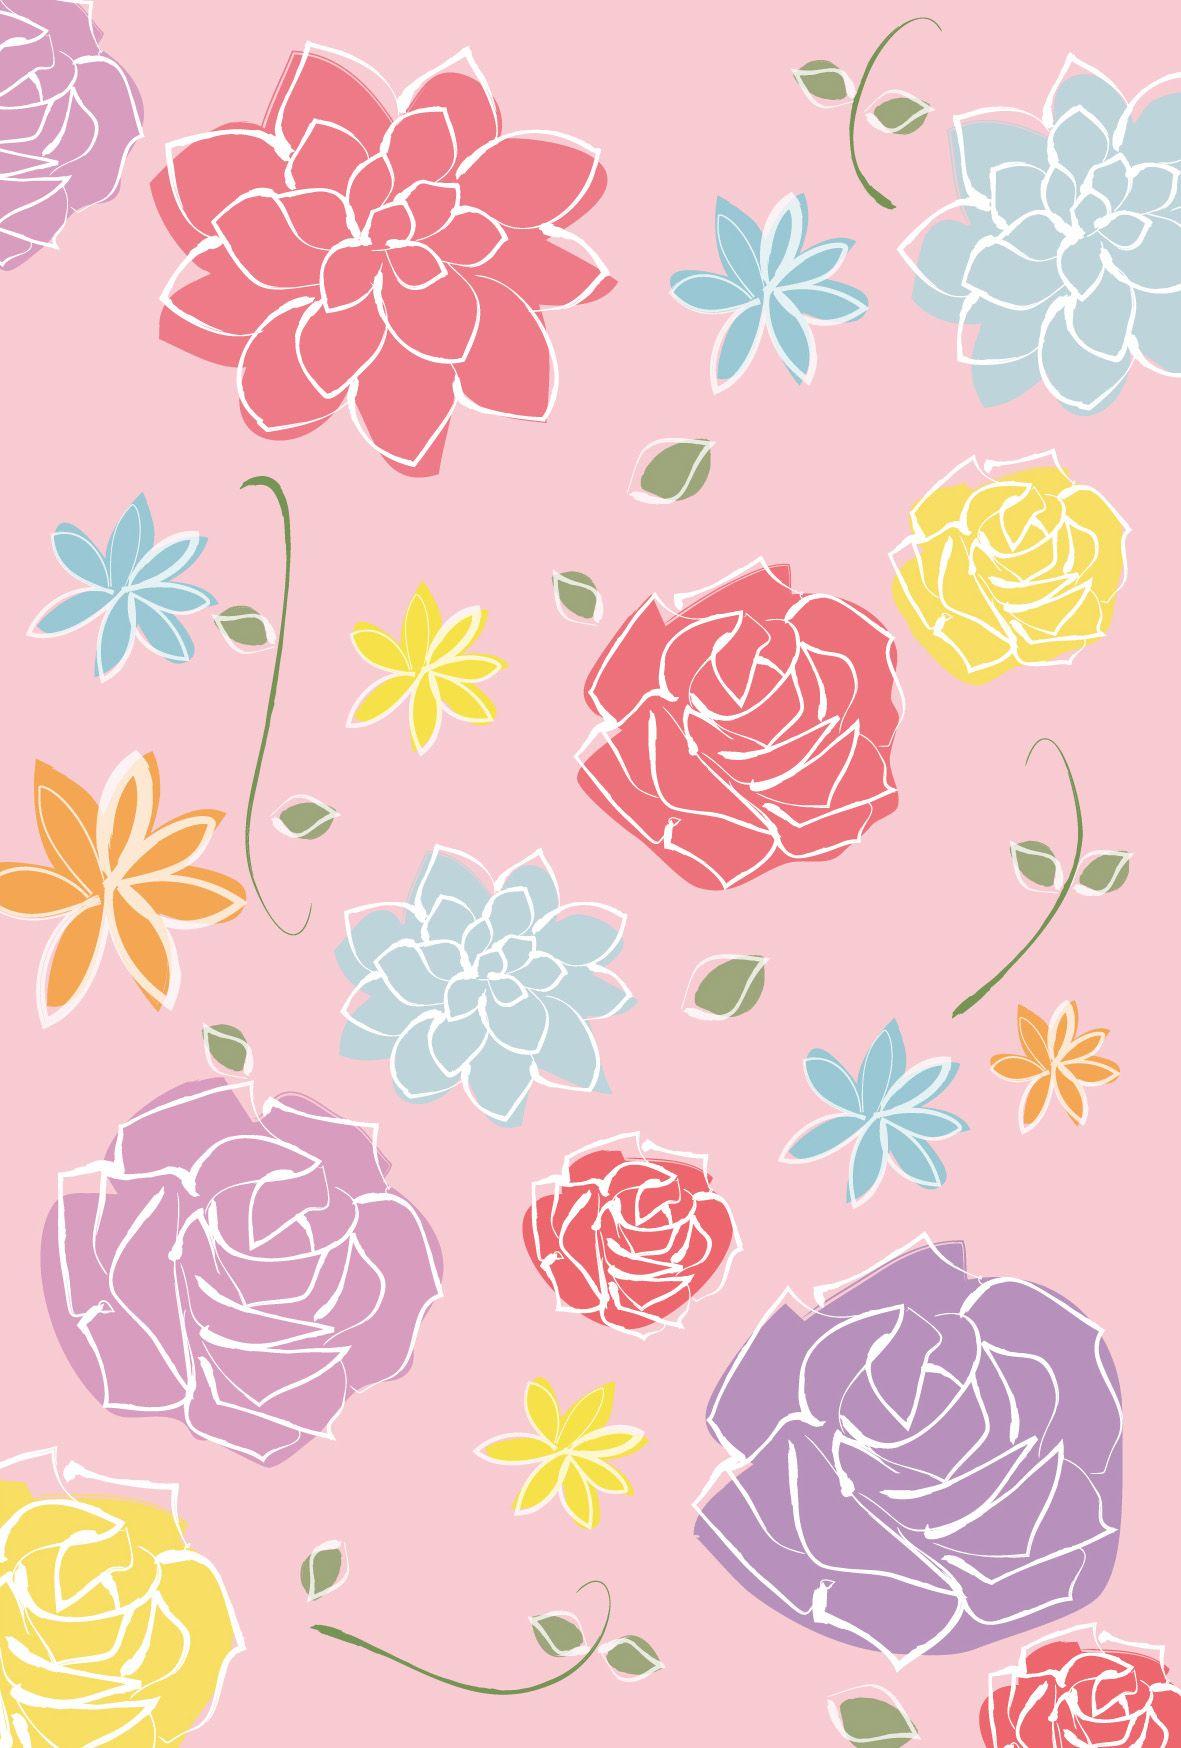 ウェディング 花模様2 ダウンロード かわいい無料イラスト 印刷素材 Net カード イラスト ウエディング カード 結婚 メッセージカード